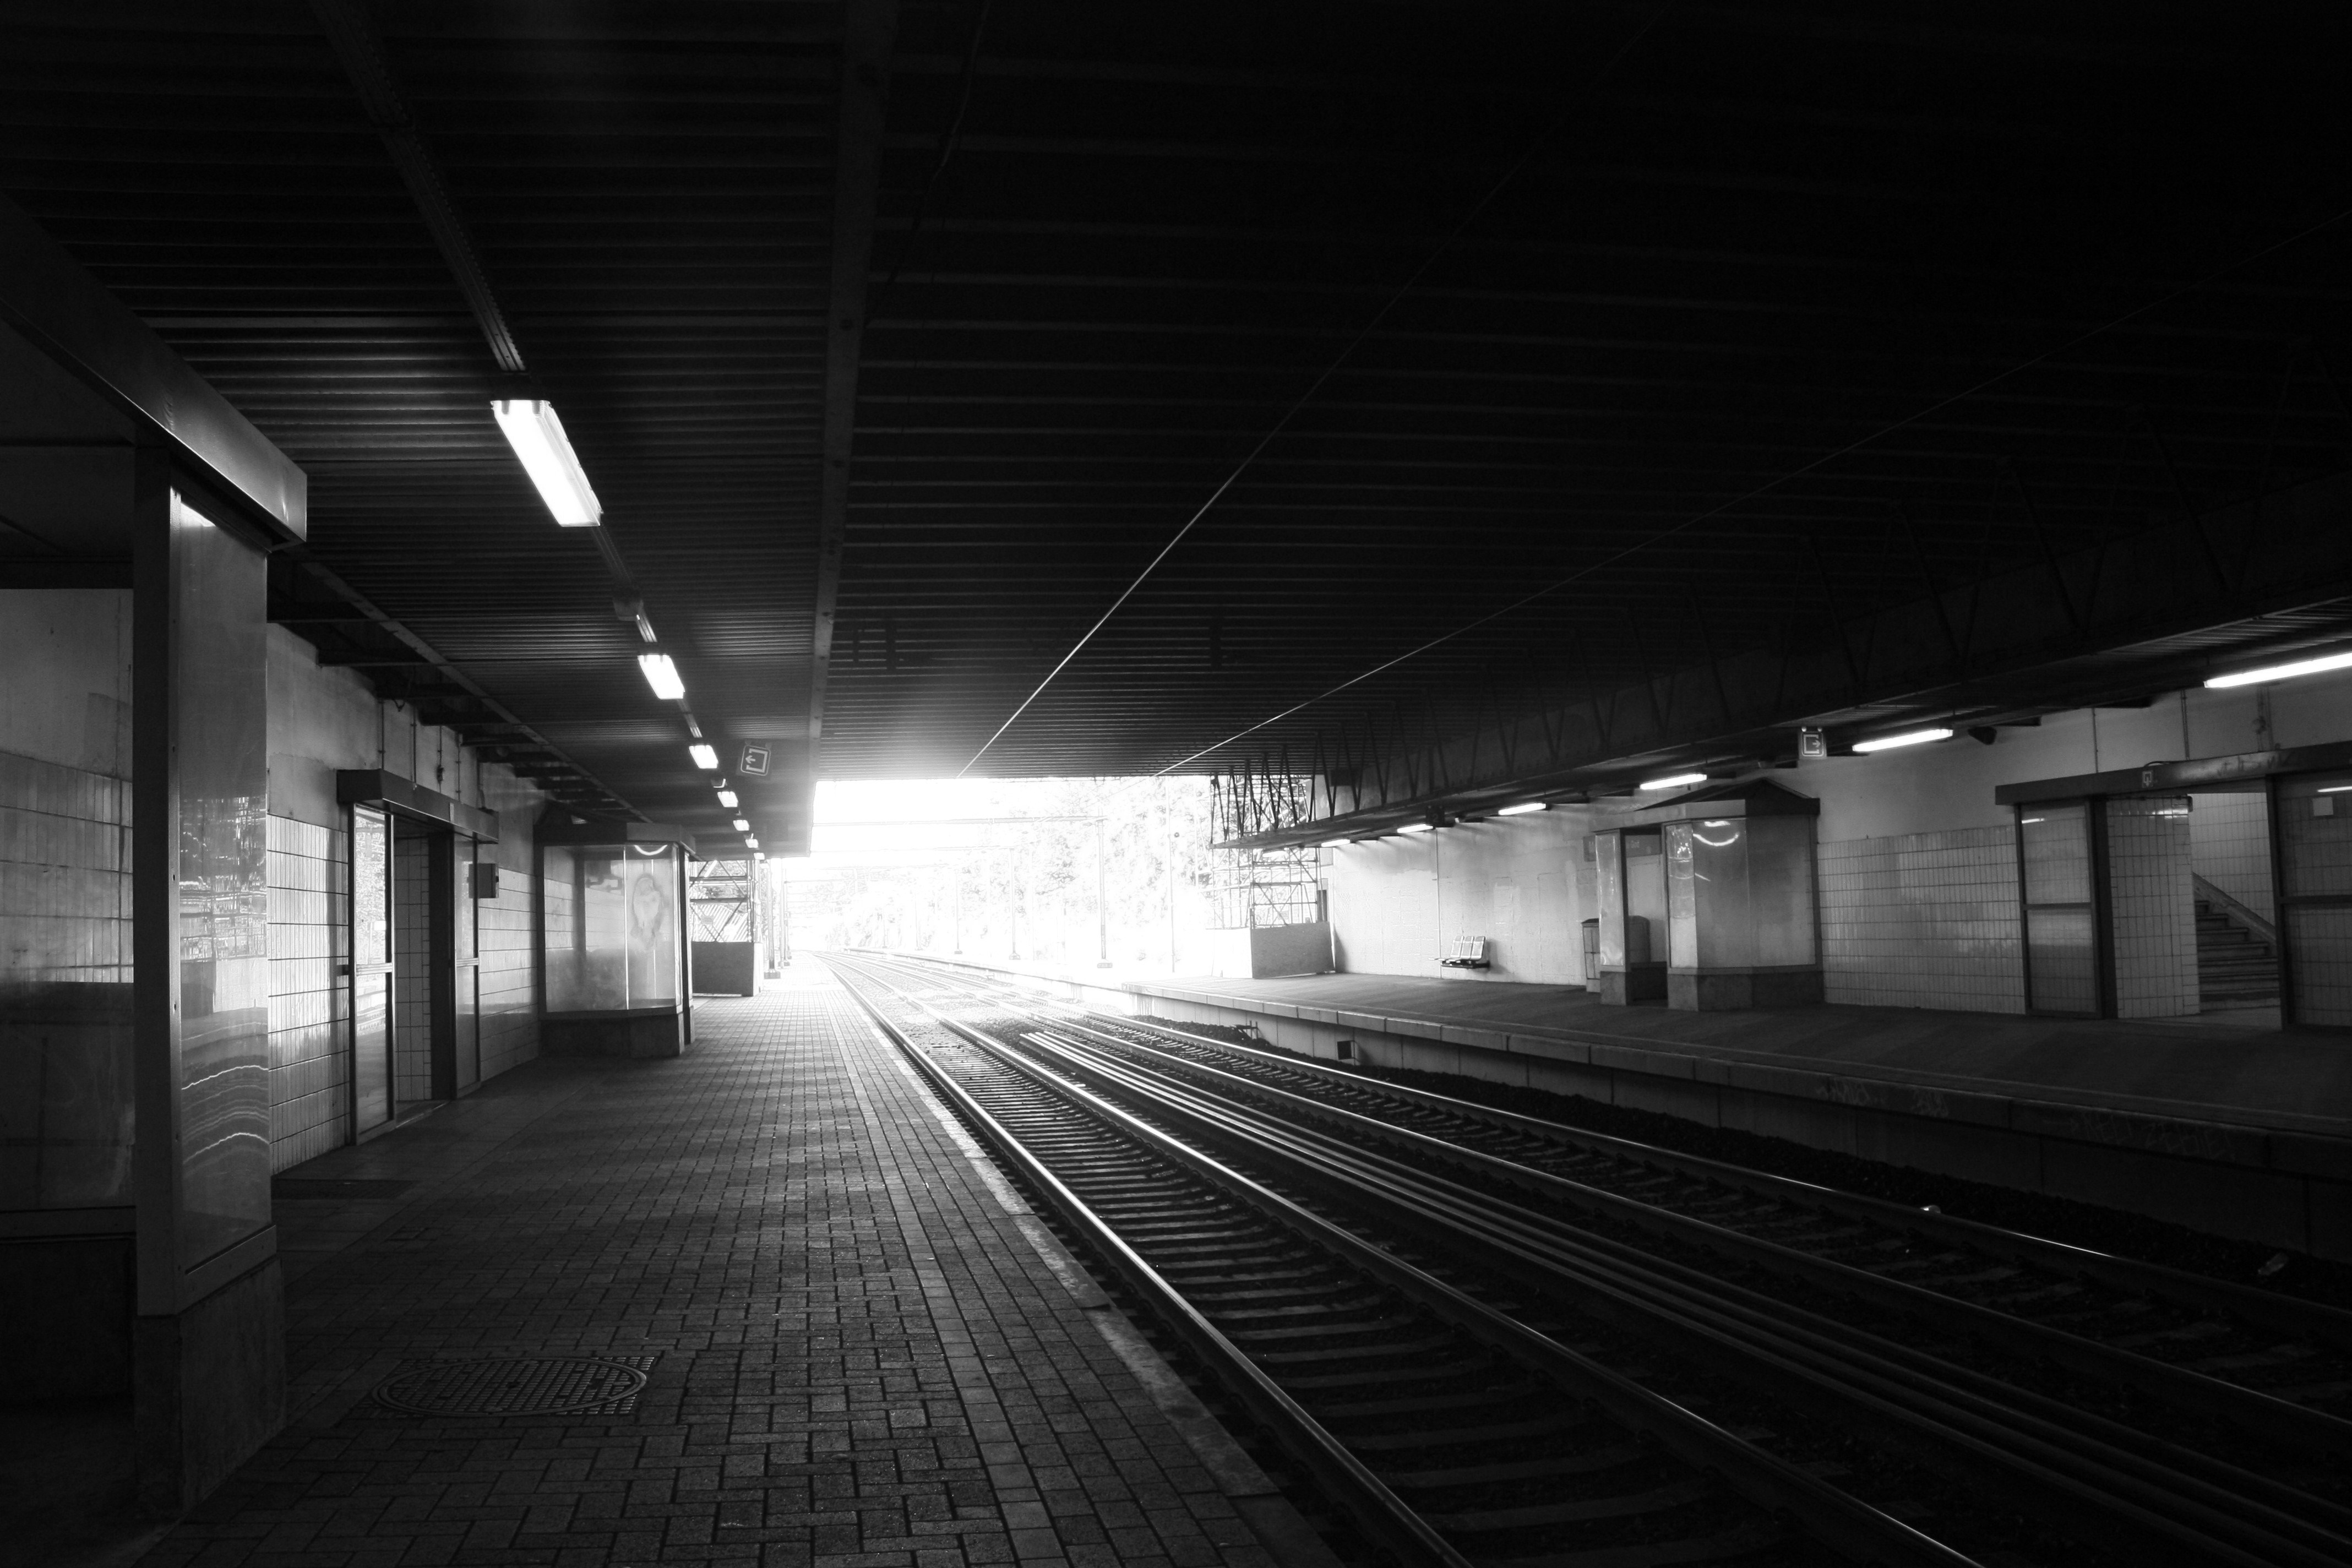 Video d'un tren amb portes obertes a Bèlgica Mg_2087-kopie